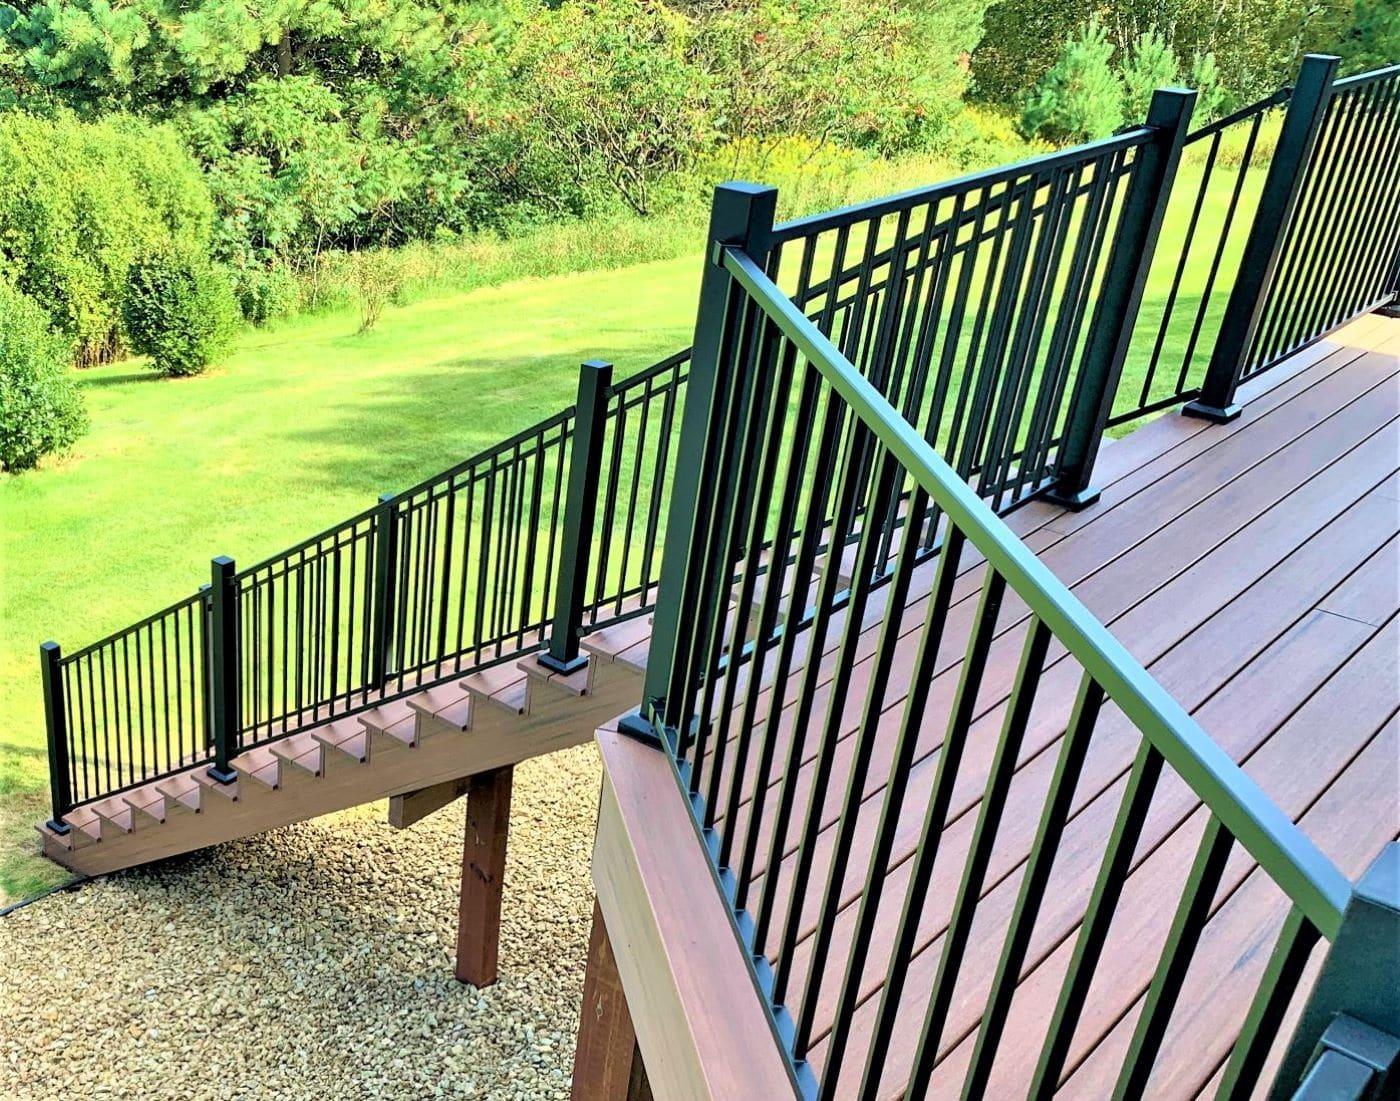 TimberTech AZEK Deck & fortress railing